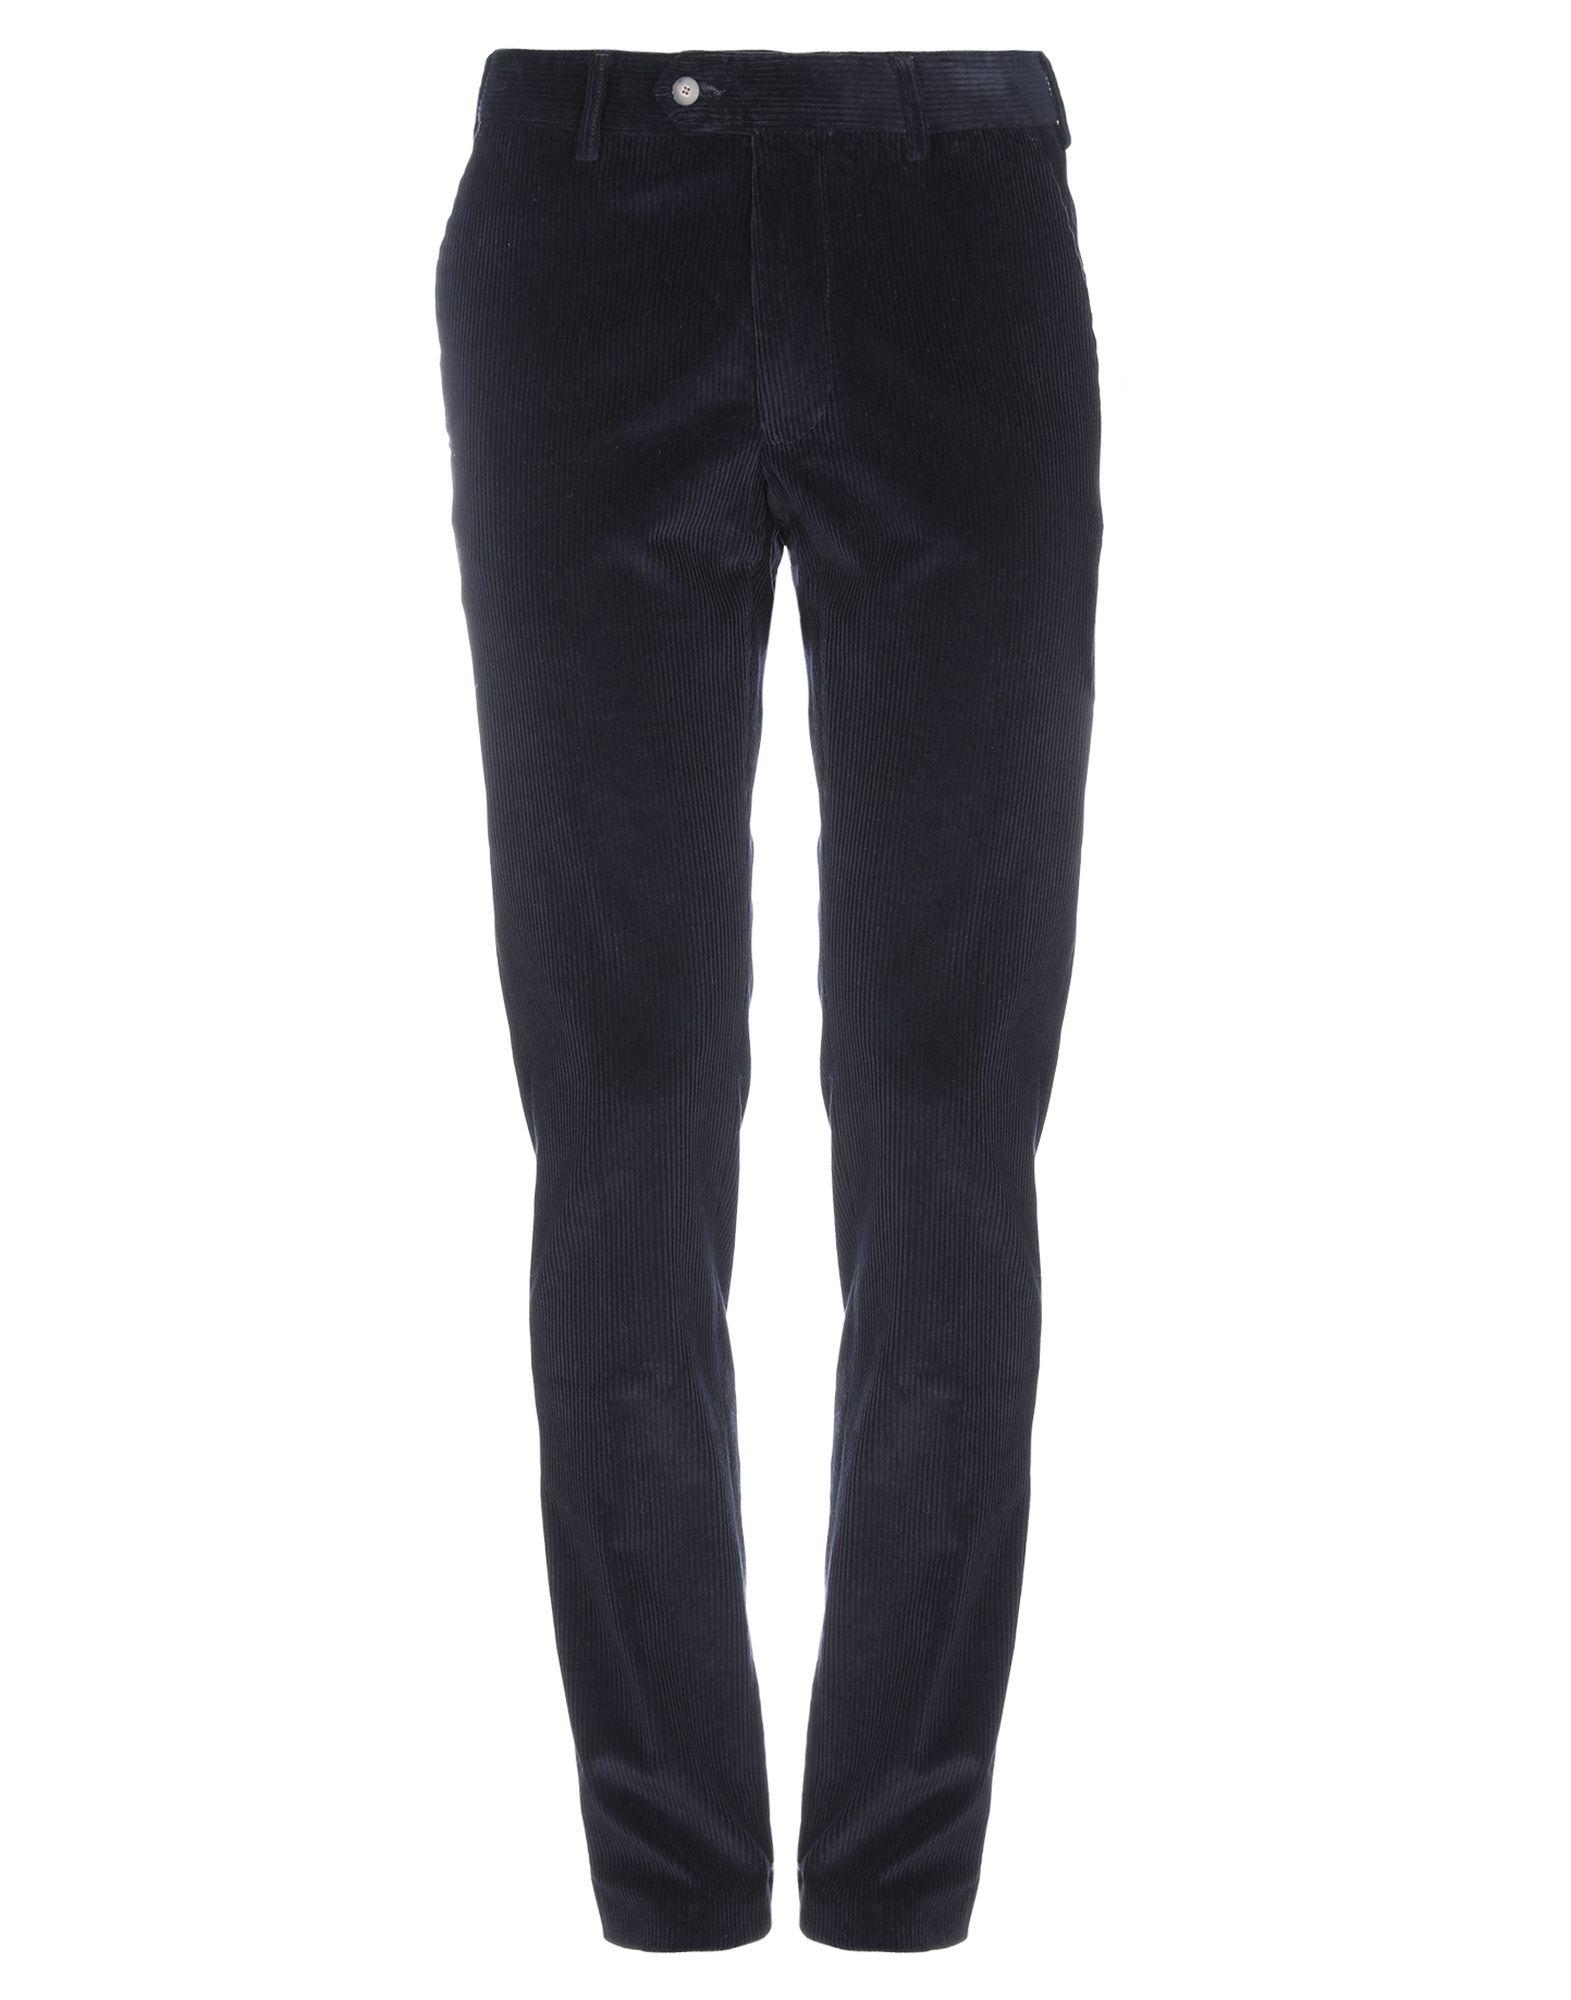 Pantalone Doppiaa herren - 13326574BI